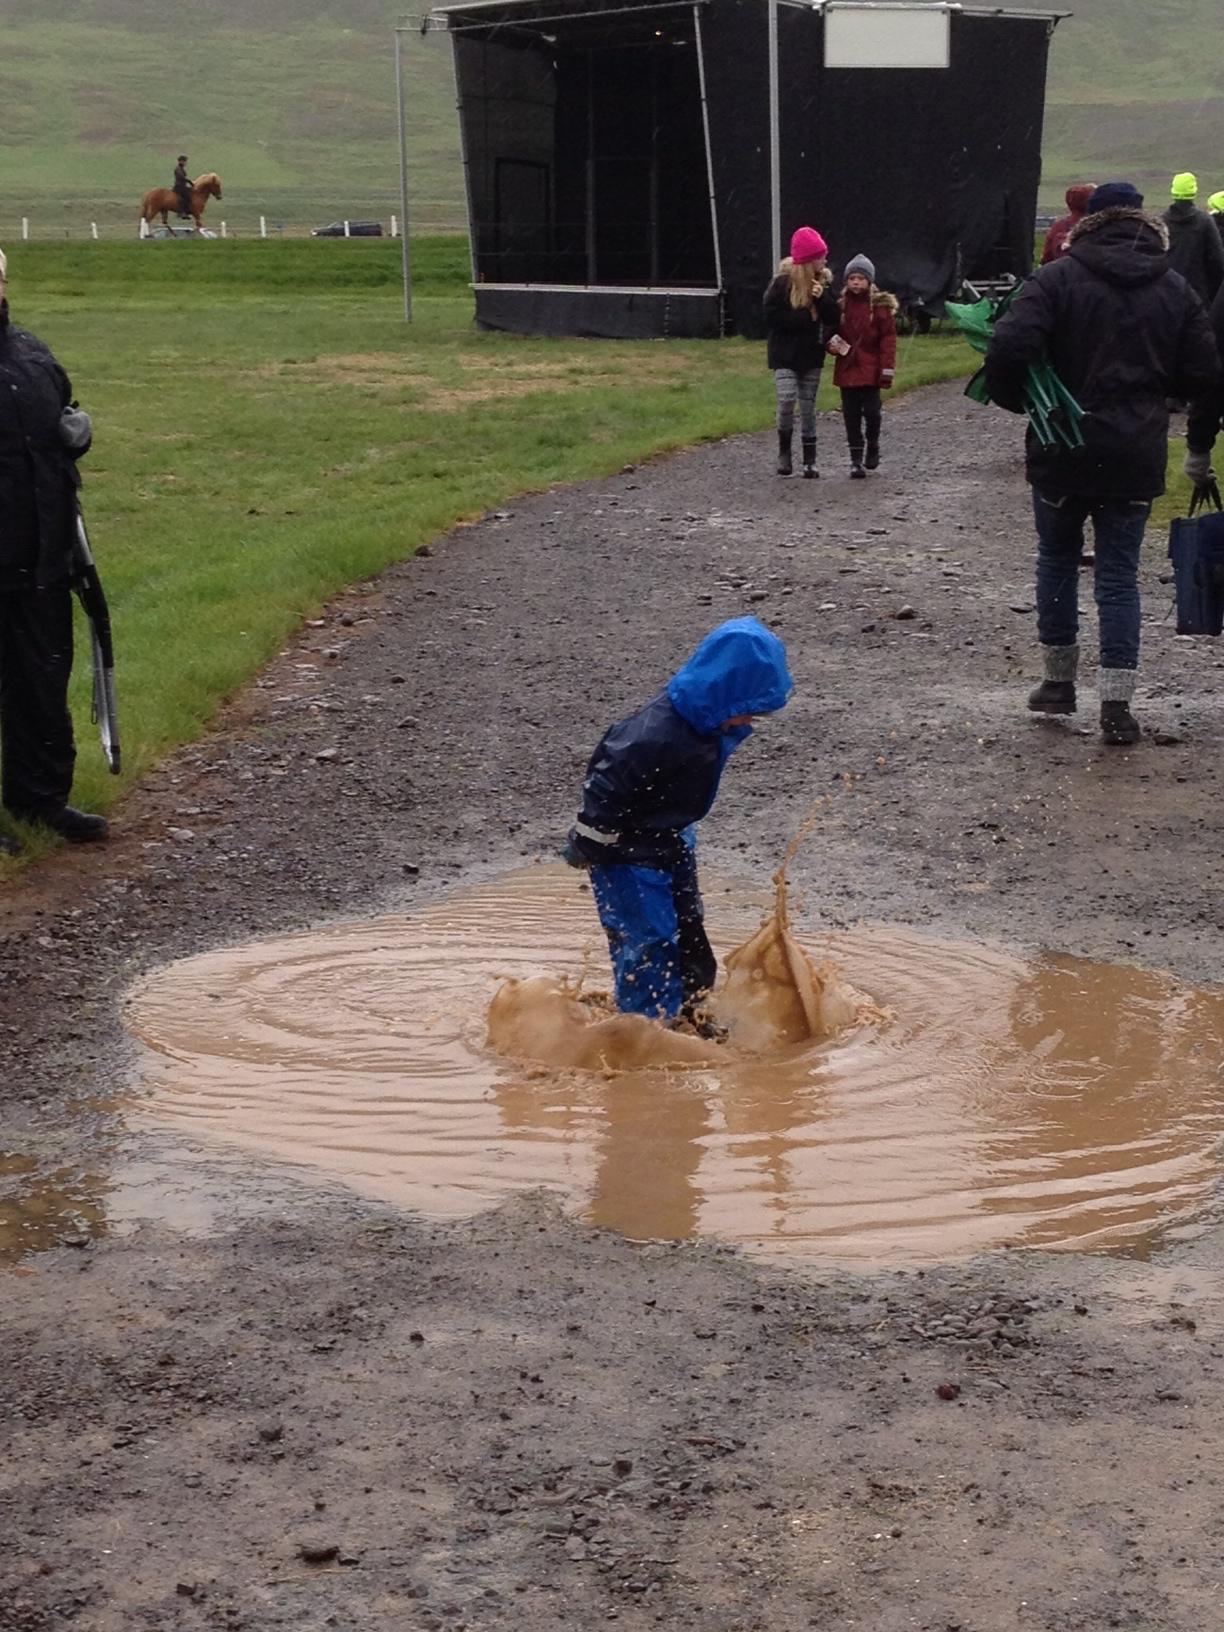 Några har riktigt kul i regnet! Foto: Karin Cederman/ishestnews.se